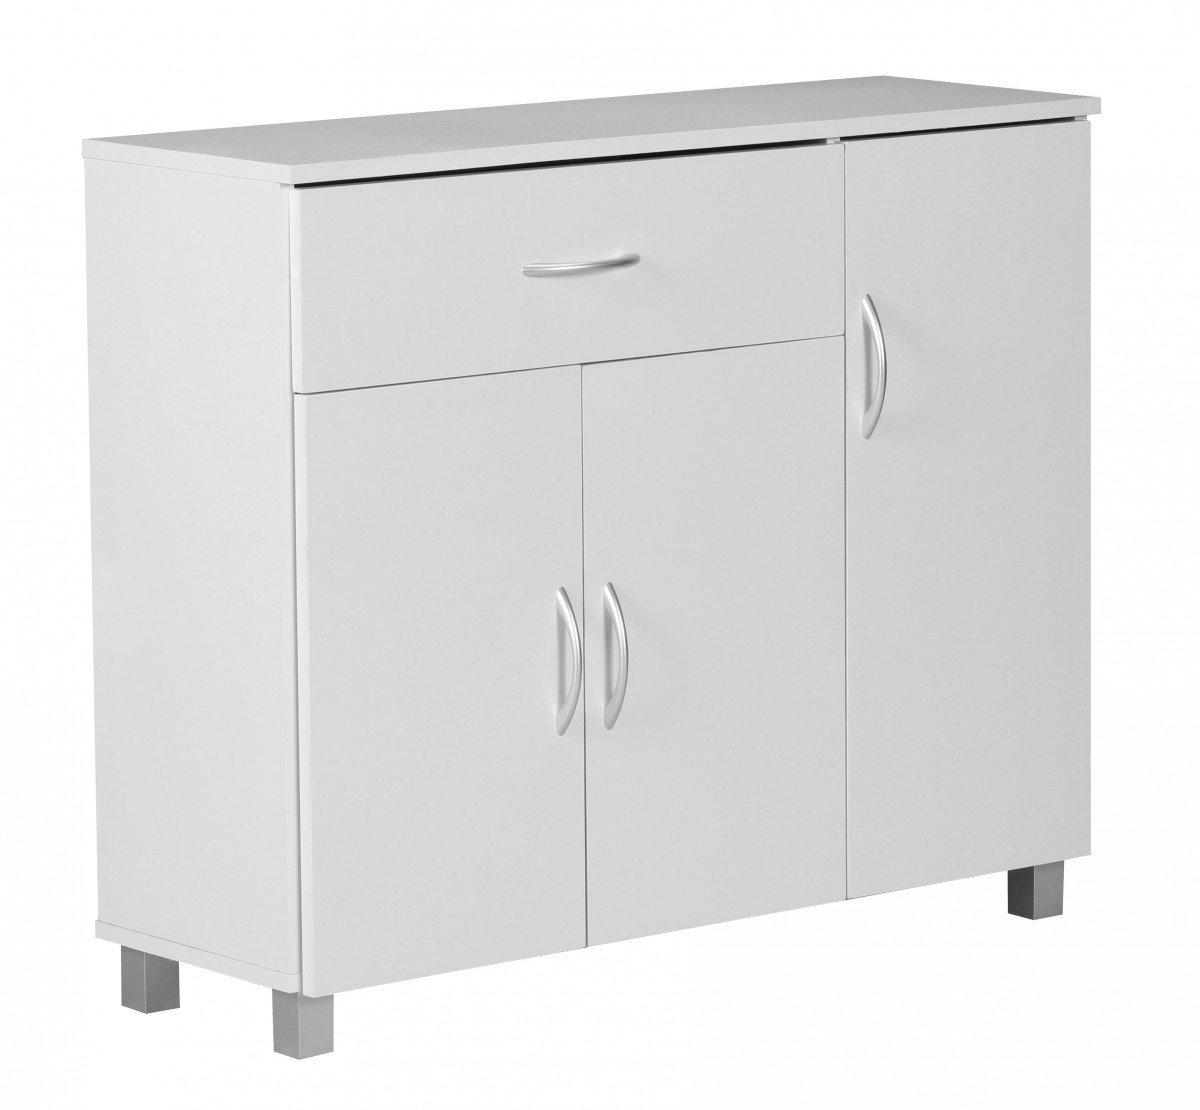 FineBuy Sideboard 90 X 75 X 30 Cm Weiß Mit 1 Schublade Und 3 Türen |  Moderne Schlafzimmer Kommode | Anrichte Esszimmer Mit Standfüßen | Flur  Schrank Diele ...